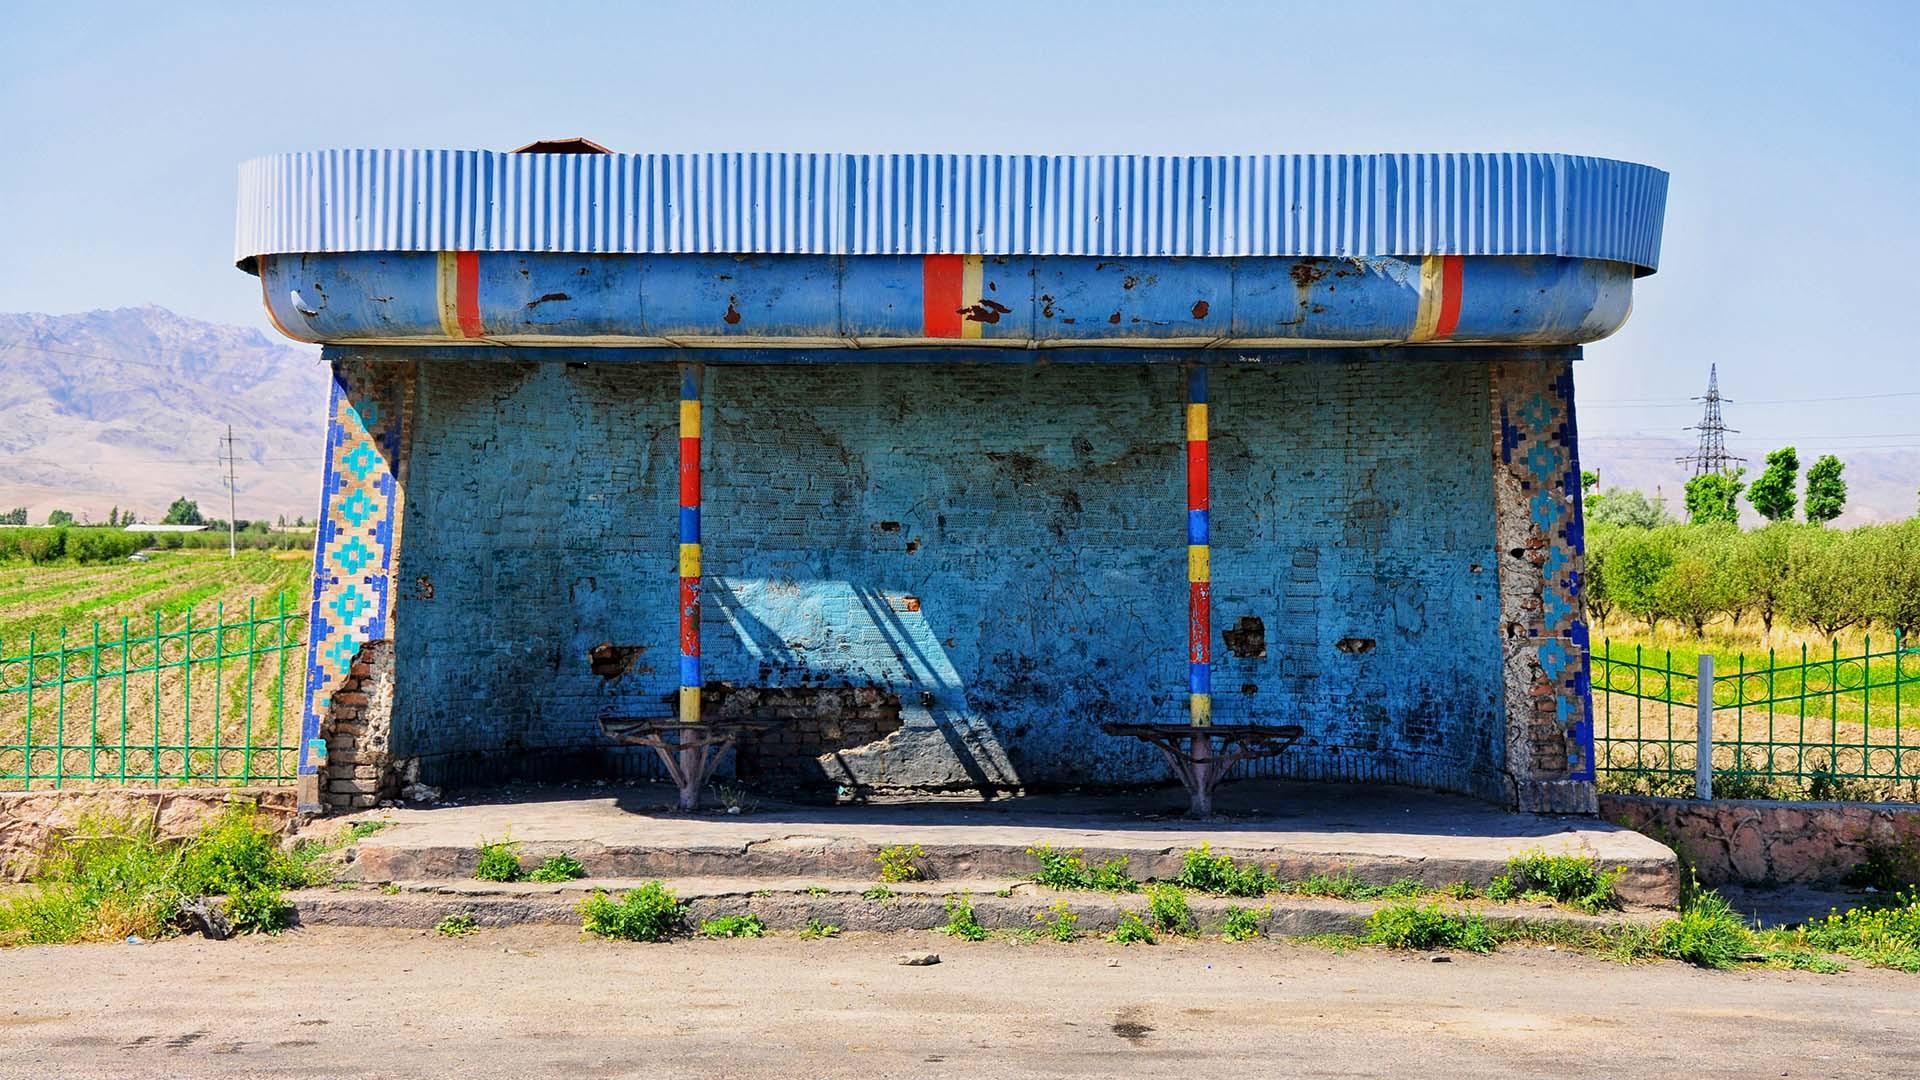 A blue bus stop